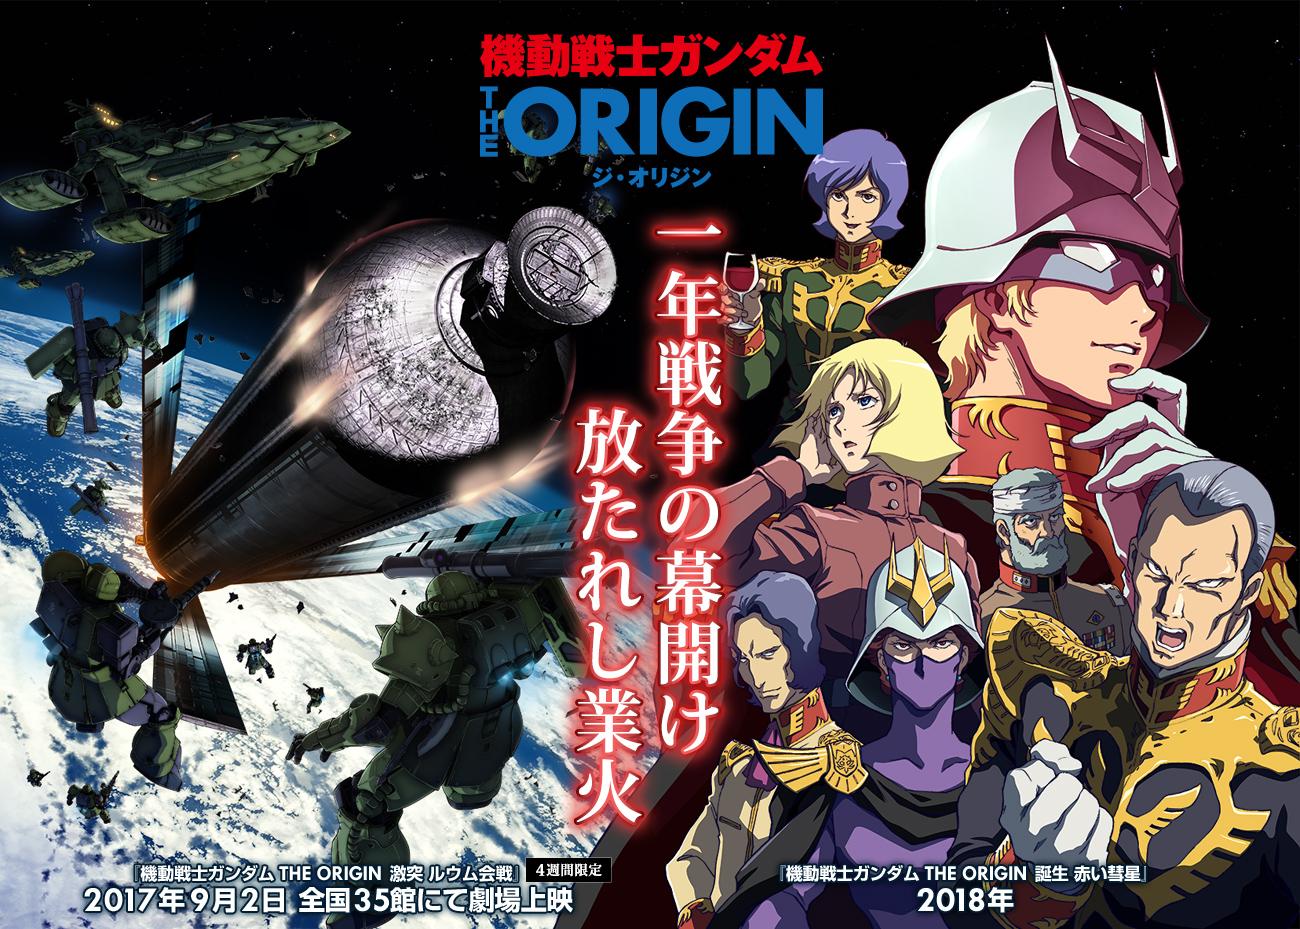 上映時期が決定! 『機動戦士ガンダム THE ORIGIN』第4弾の最新情報に注目!